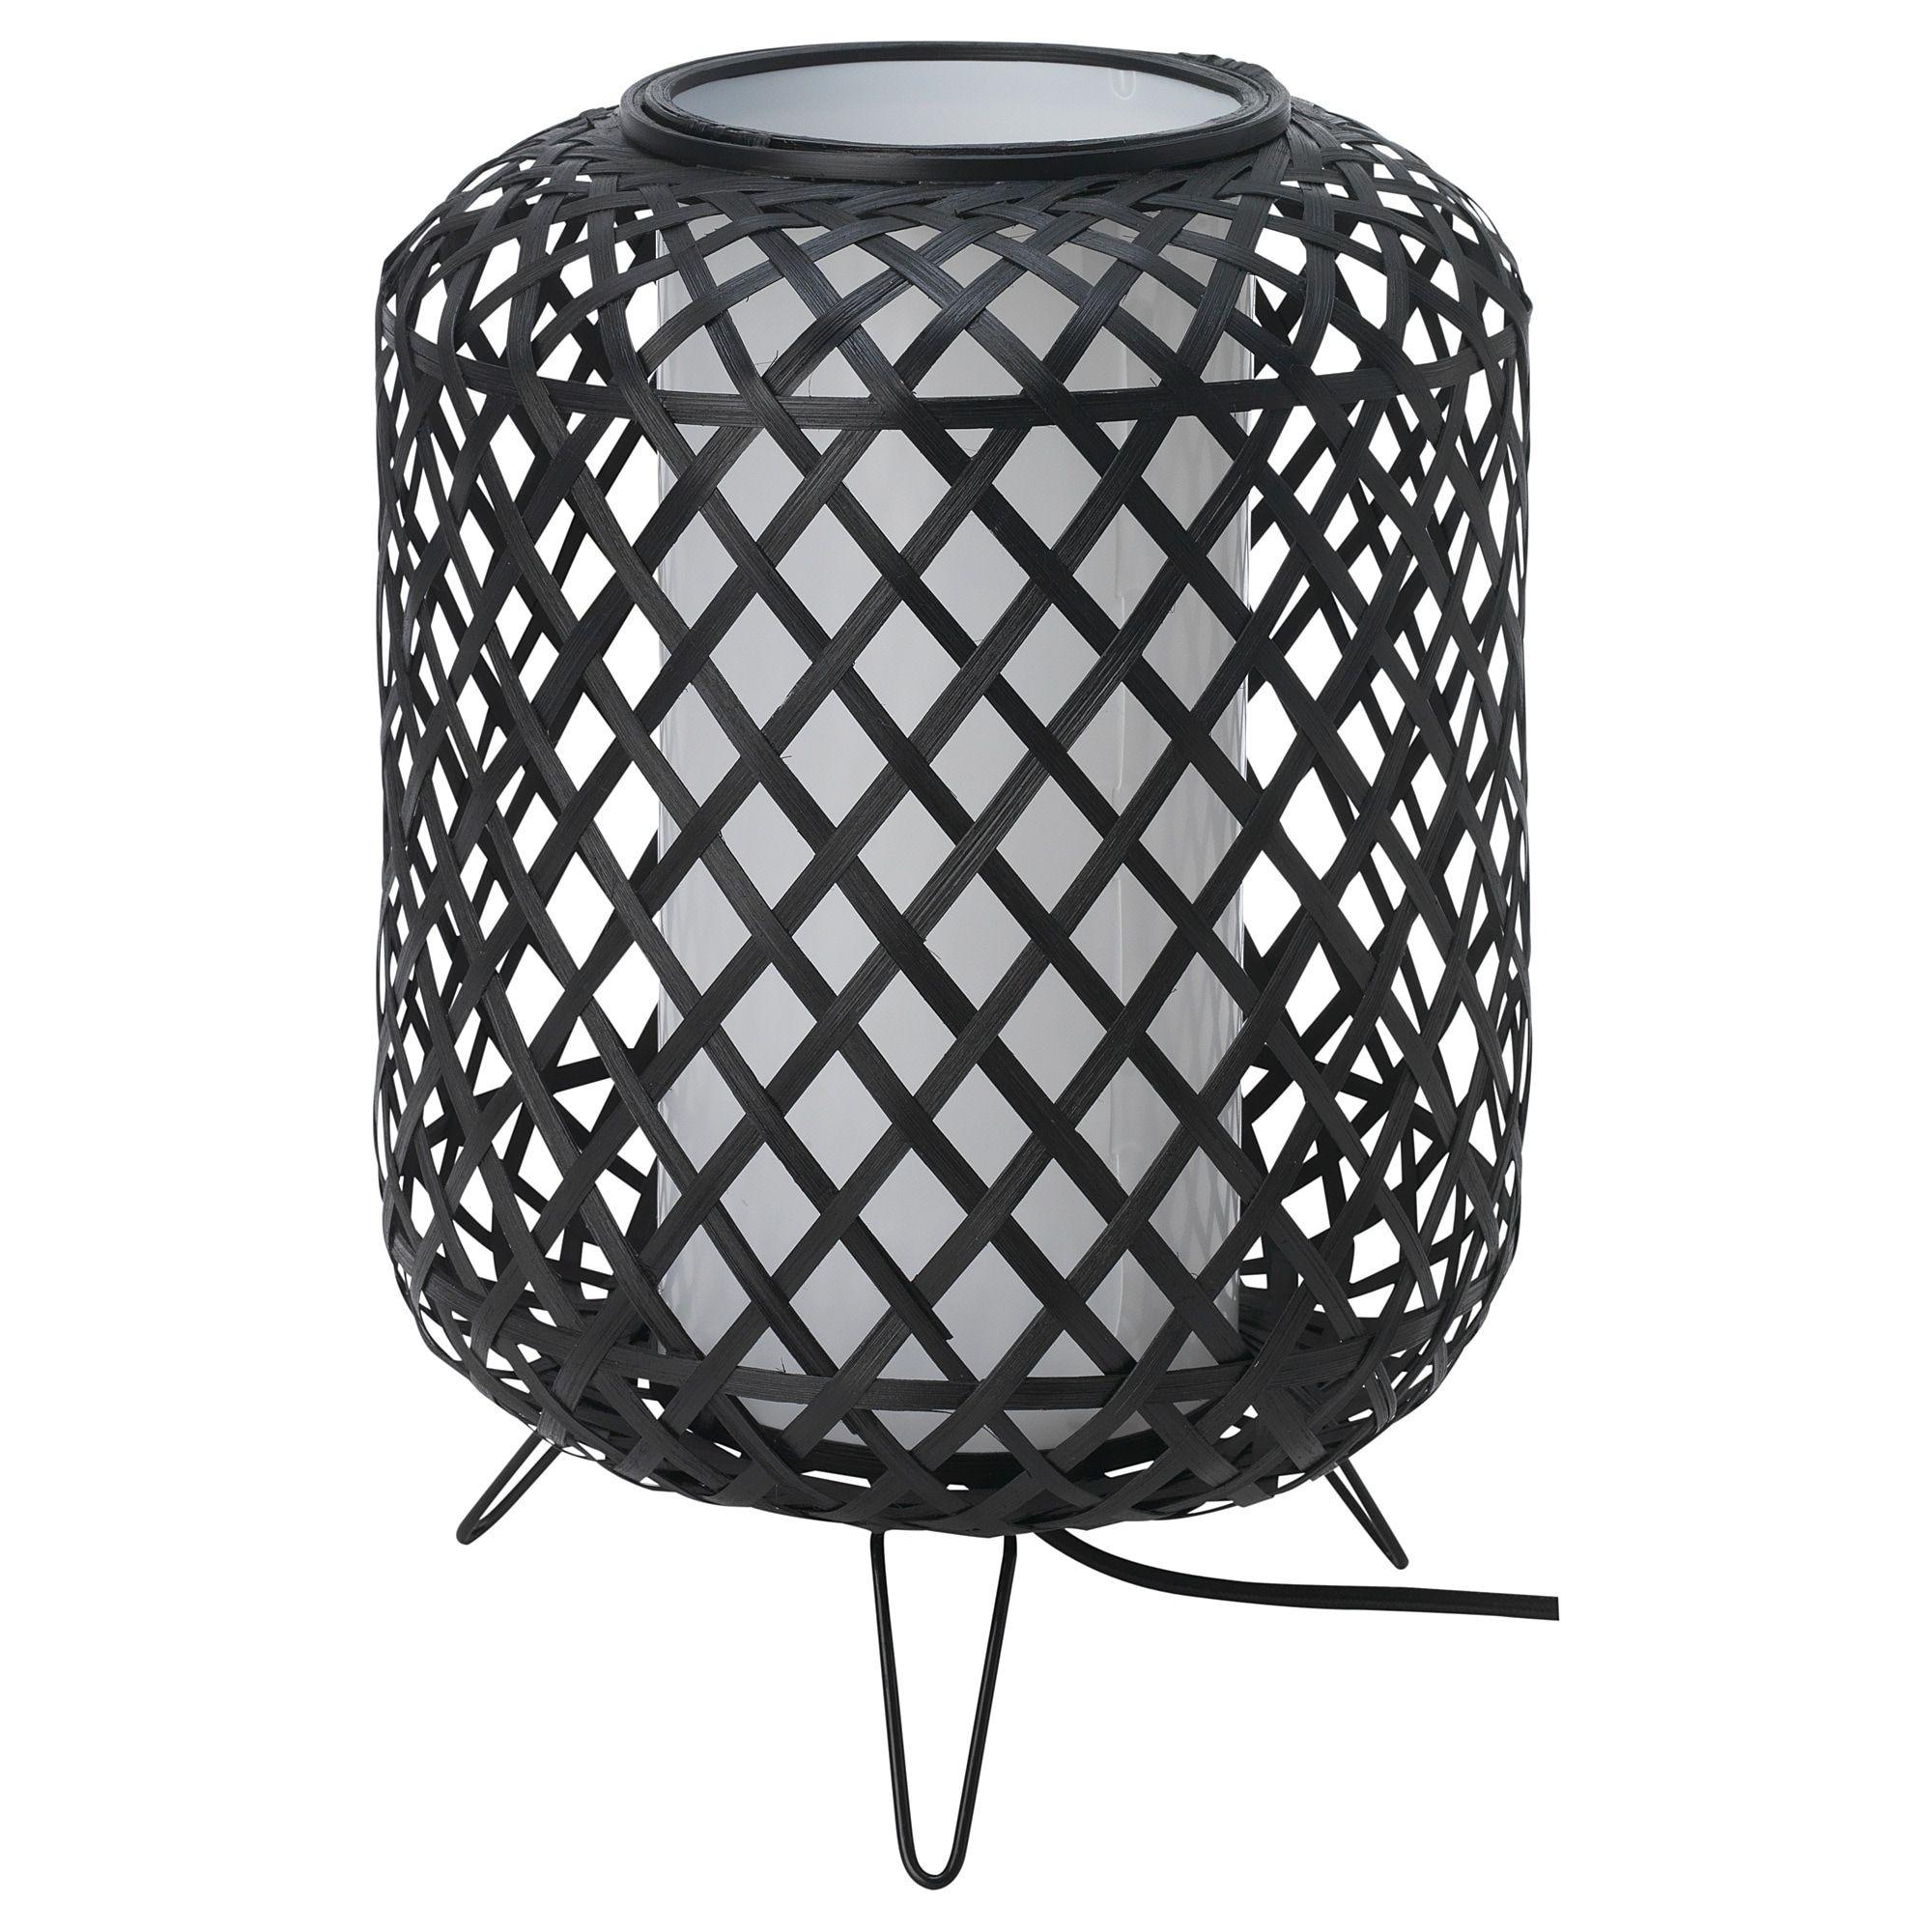 Gottorp Tischleuchte Schwarz Ikea Osterreich Tafellamp Industriele Lampen Ikea